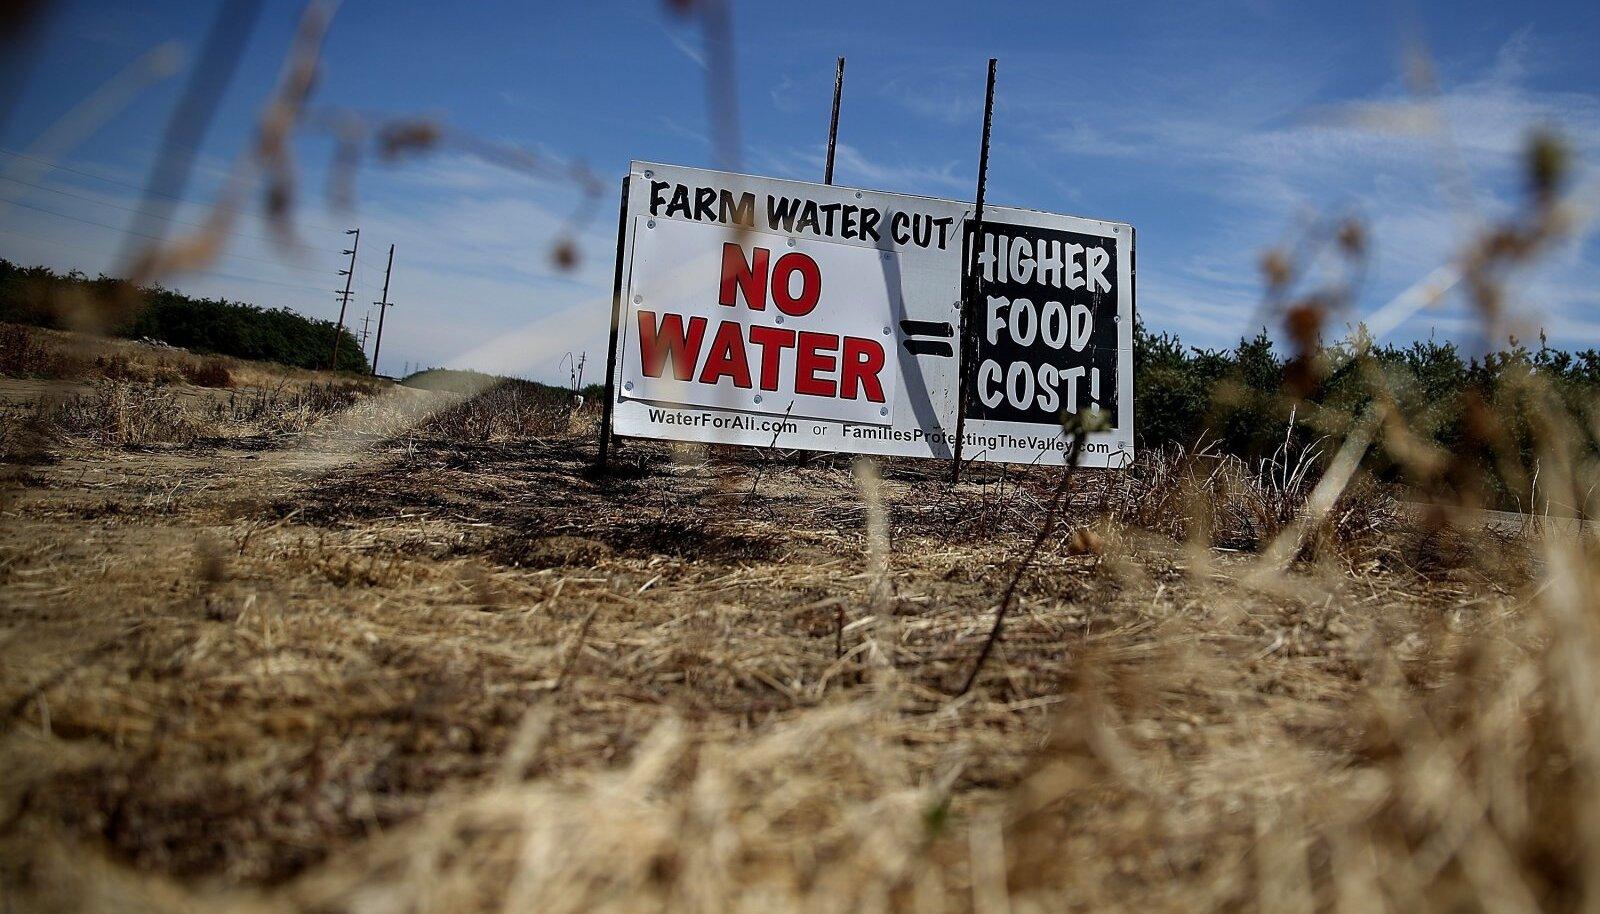 Californias kestis äärmiselt kuiv periood 2011. aasta detsembrist mullu märtsini, see ei lasknud põllumeestel vilja kasvatada ja põhjustas muid hädasid.